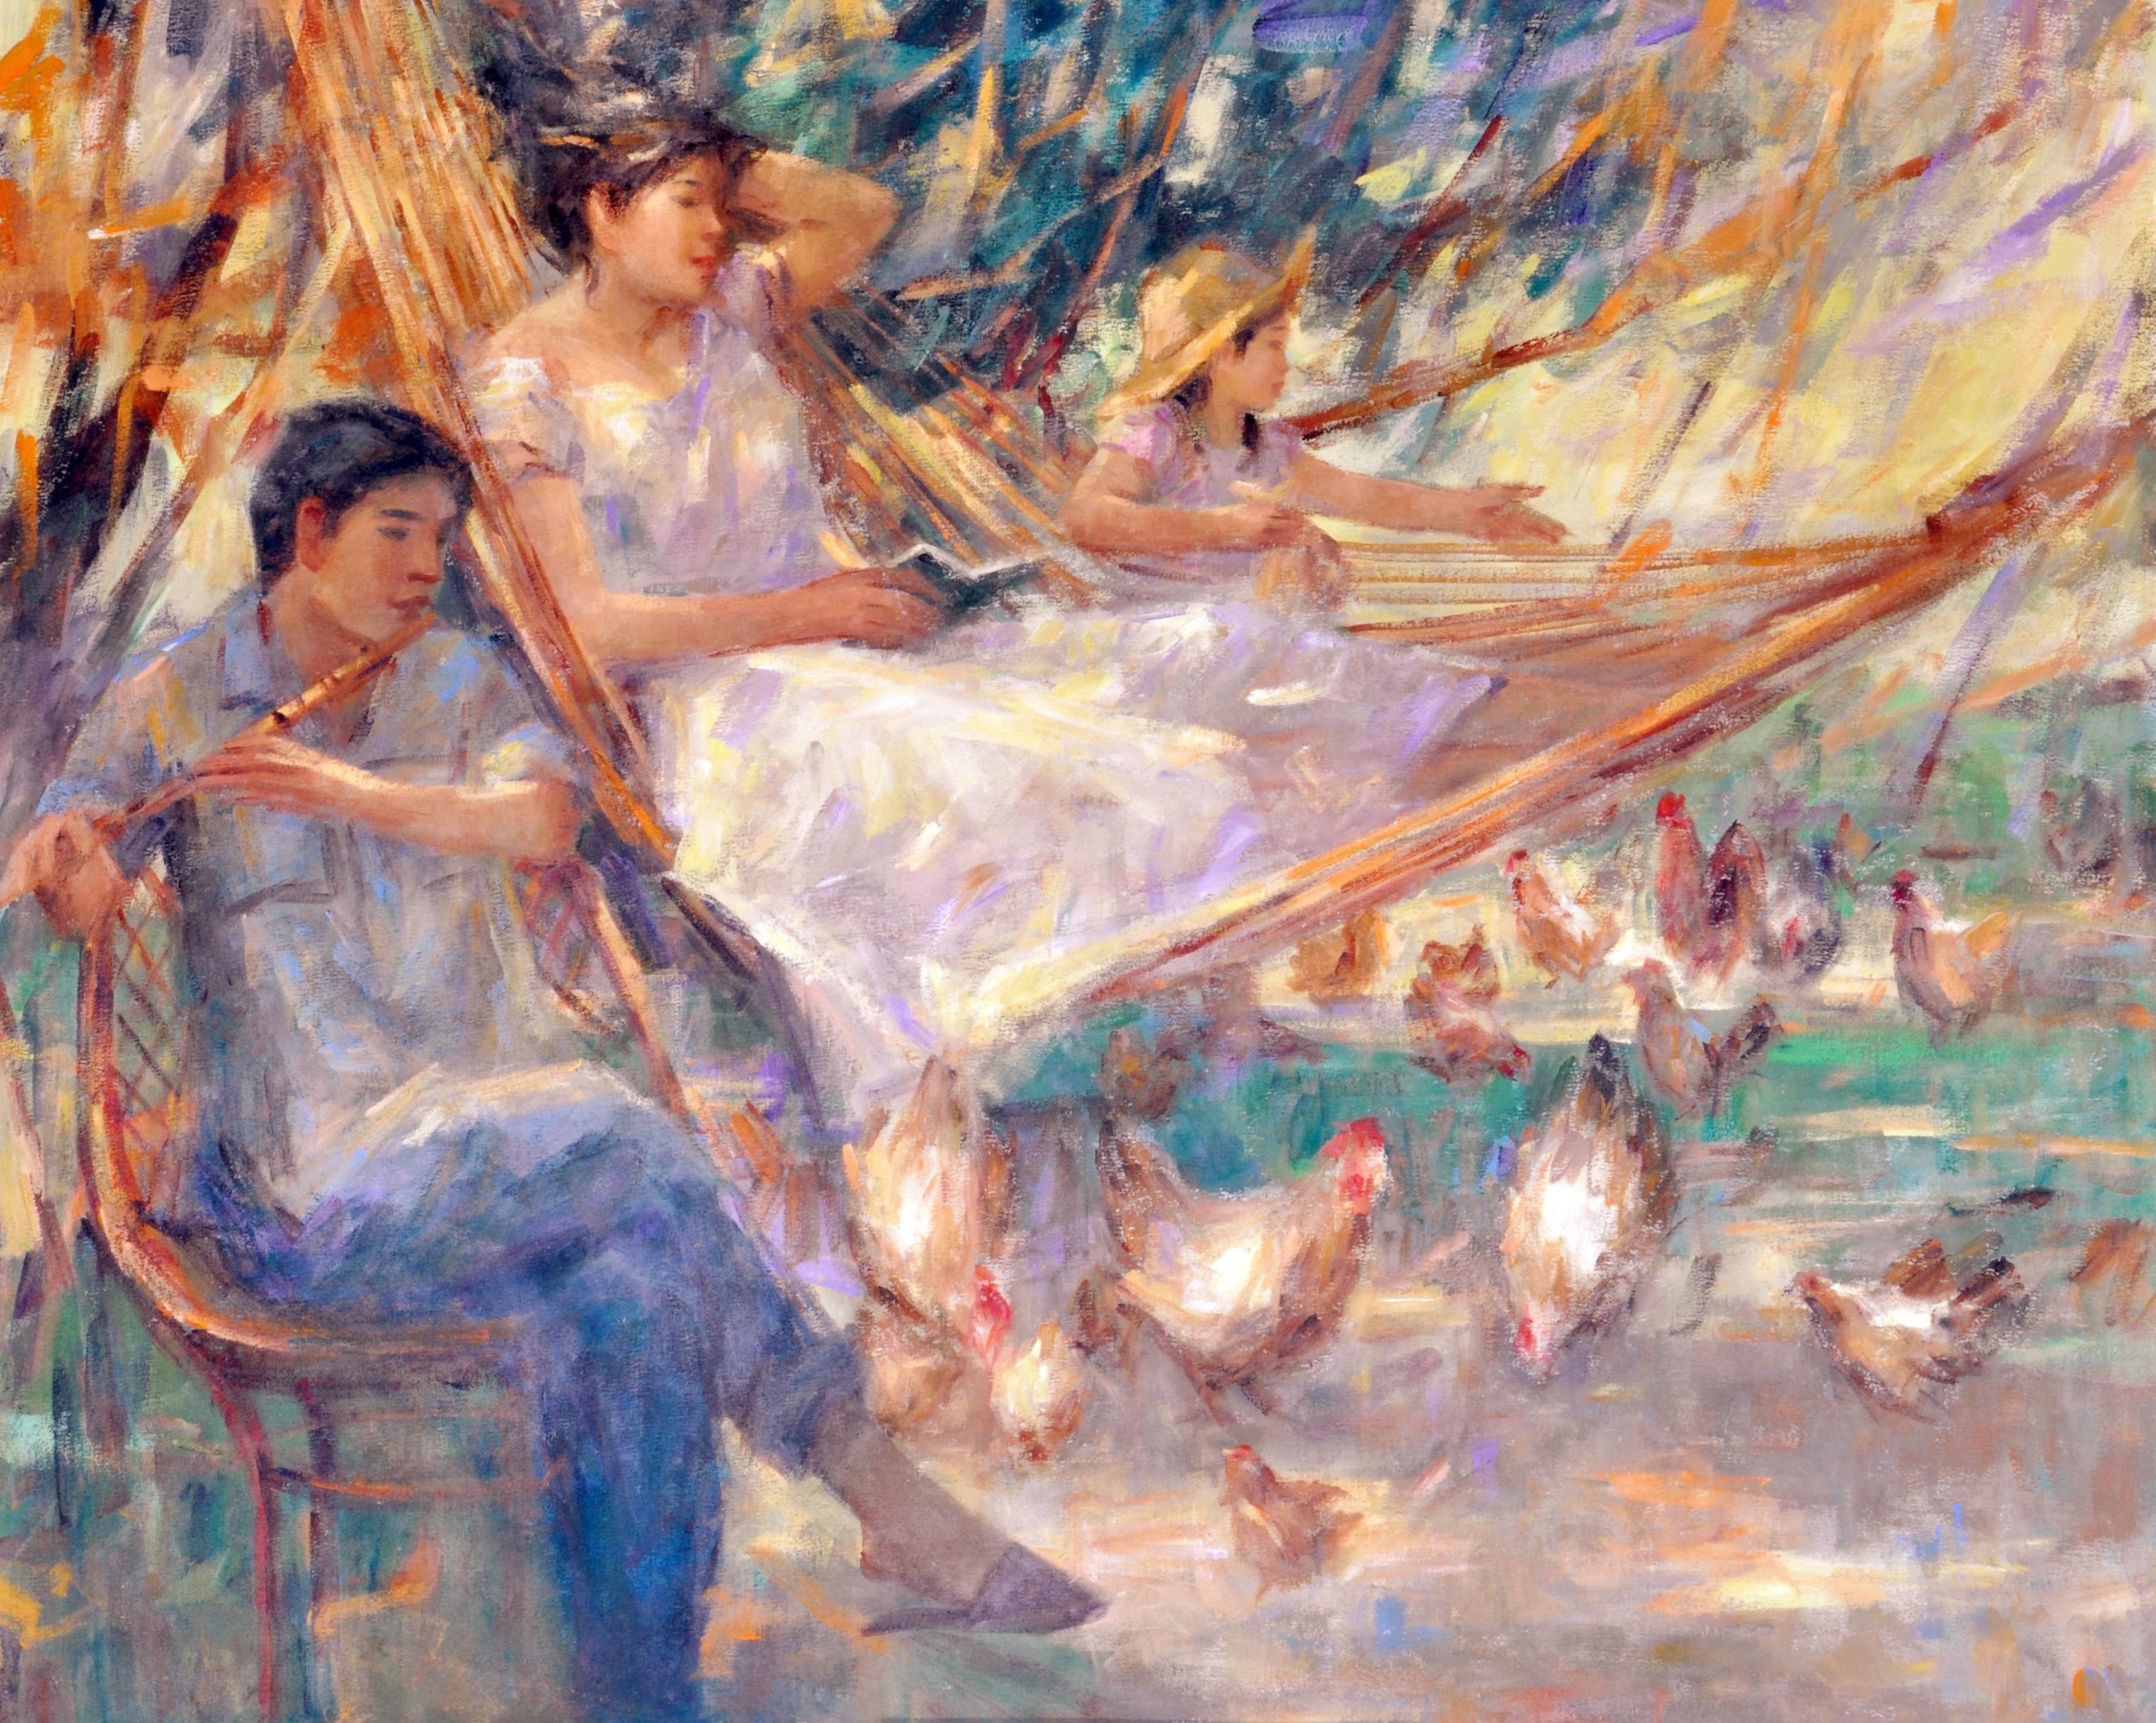 Duyan (Hammock),  artist Jun Martinez, watercolor, Top Ten Artist Philippines, impressionist artist, Philippines